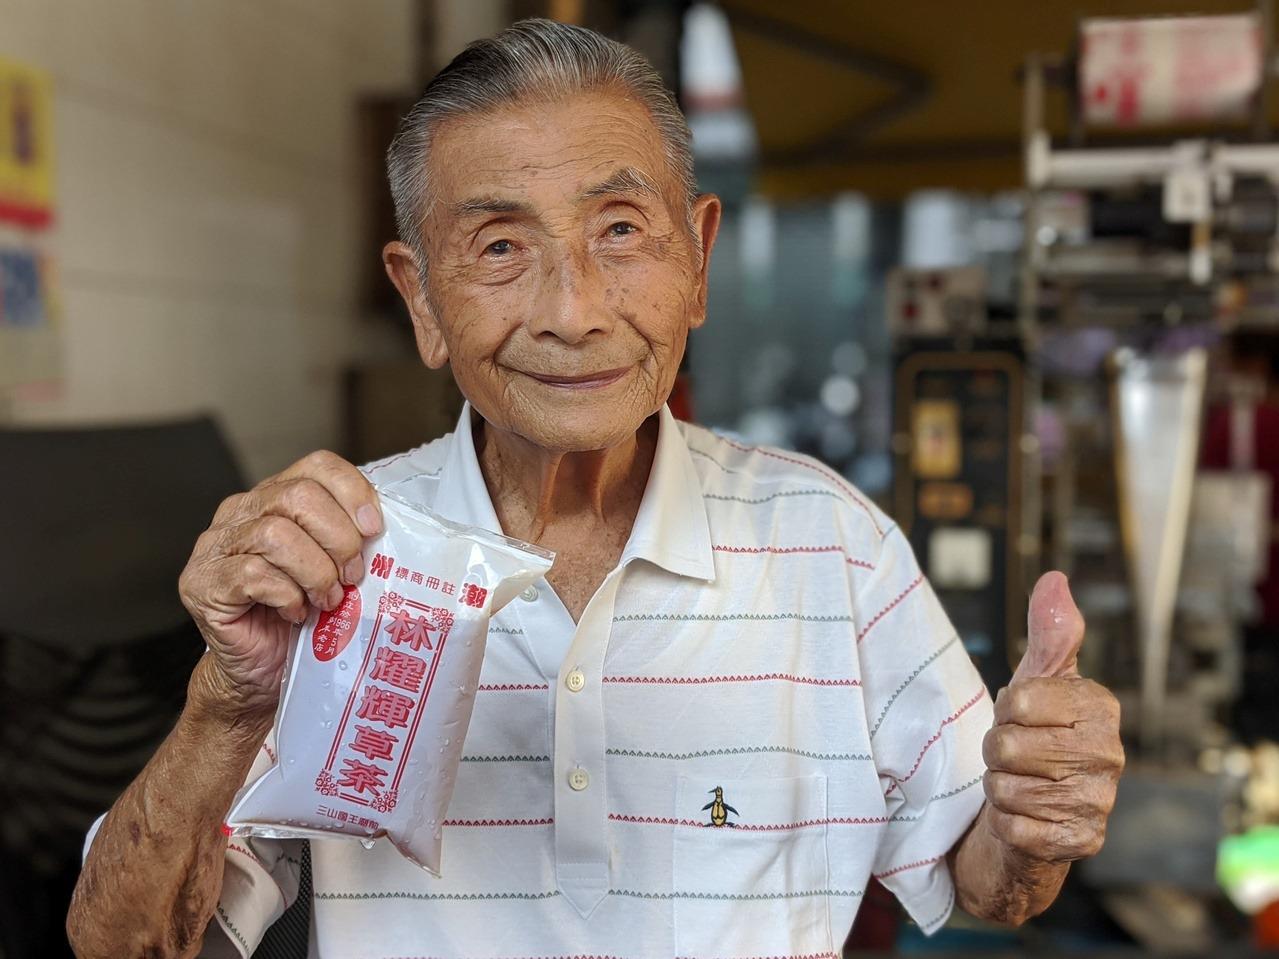 三山國王廟廣場前,可品嘗經營超過半世紀以上的「林耀輝青草茶」。 圖/陳弘逸 攝影